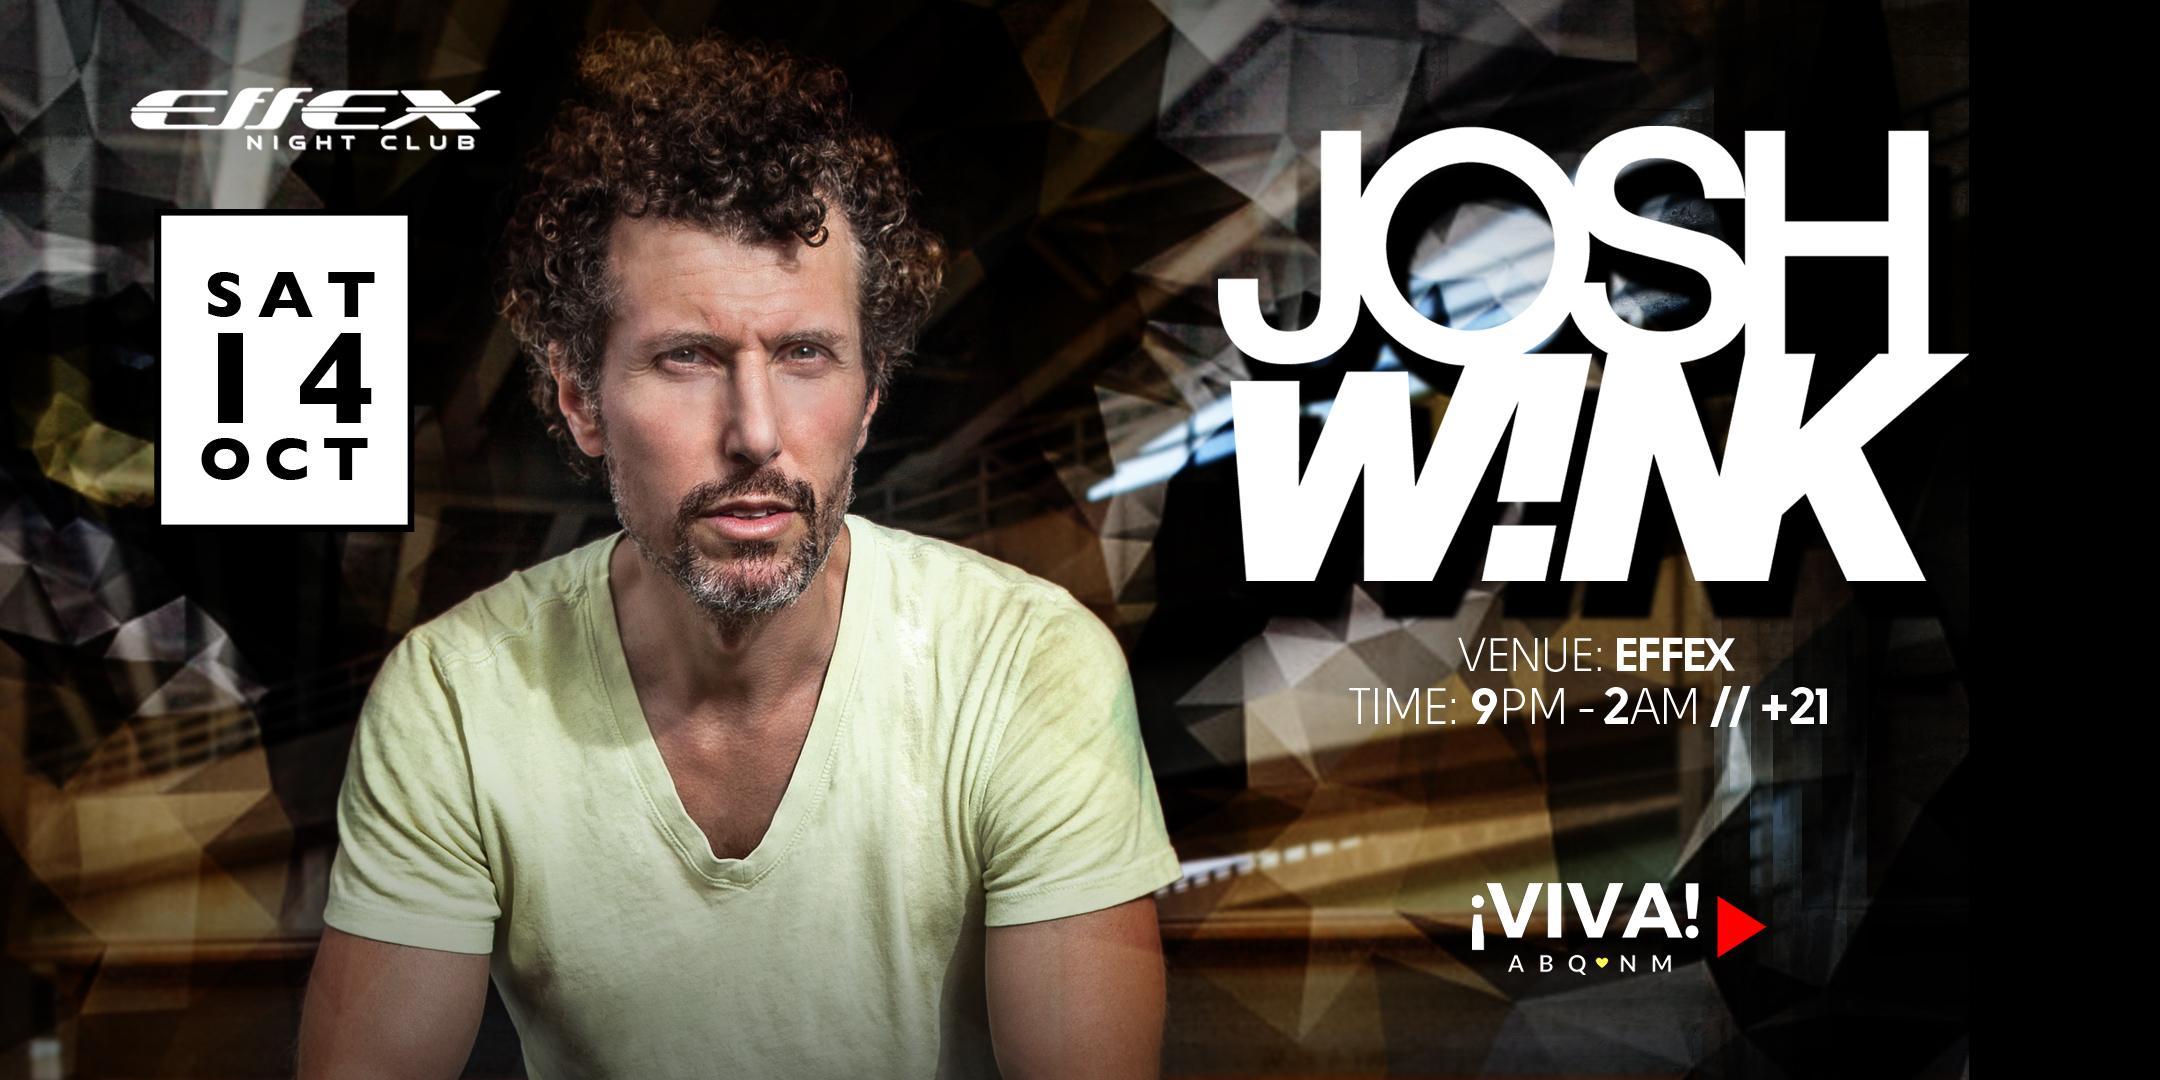 Josh Wink (Albuquerque, NM)